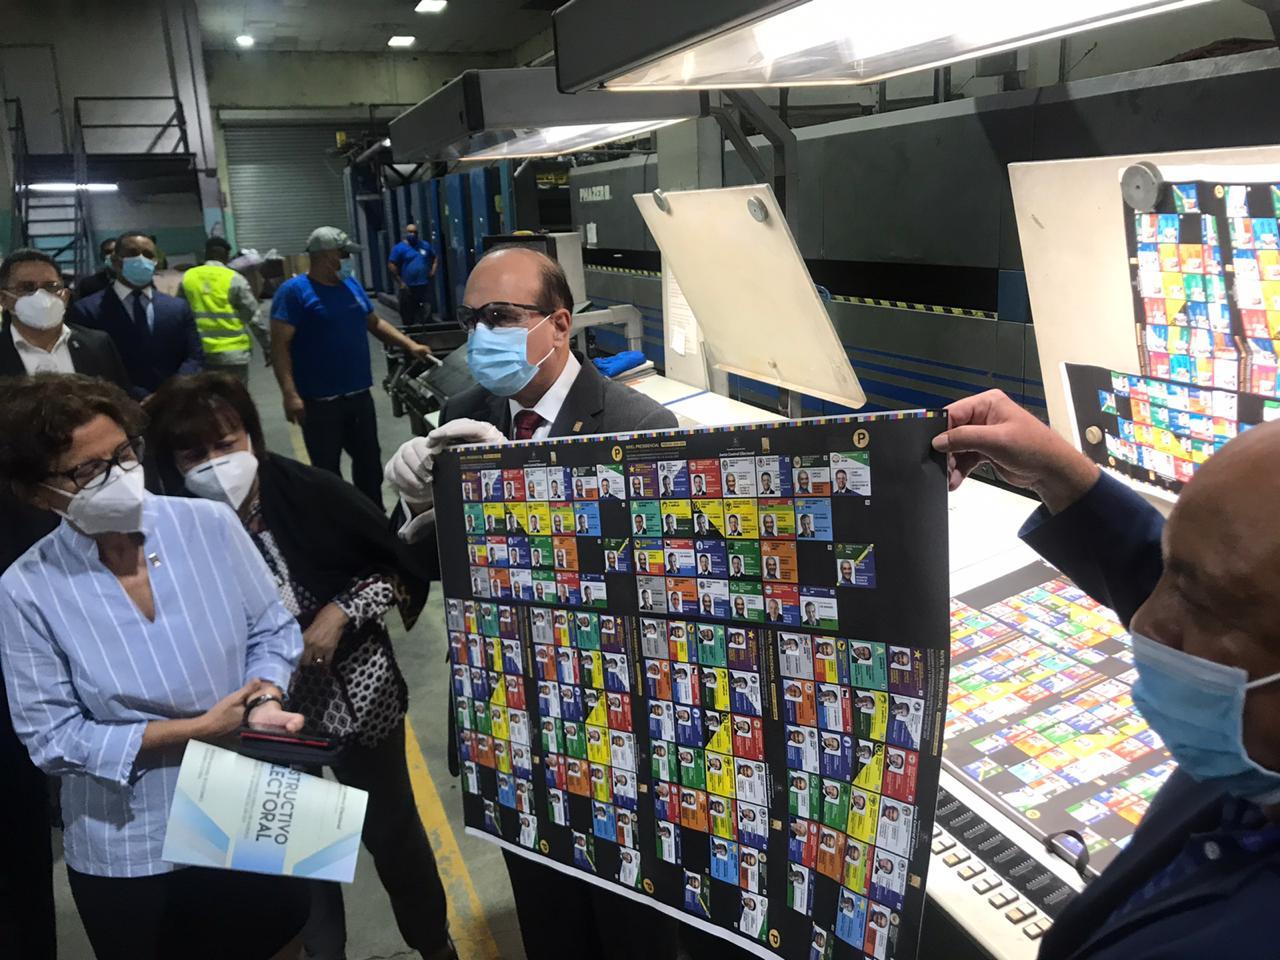 Editora Corripio inició impresión de boletas para elecciones 5 de julio